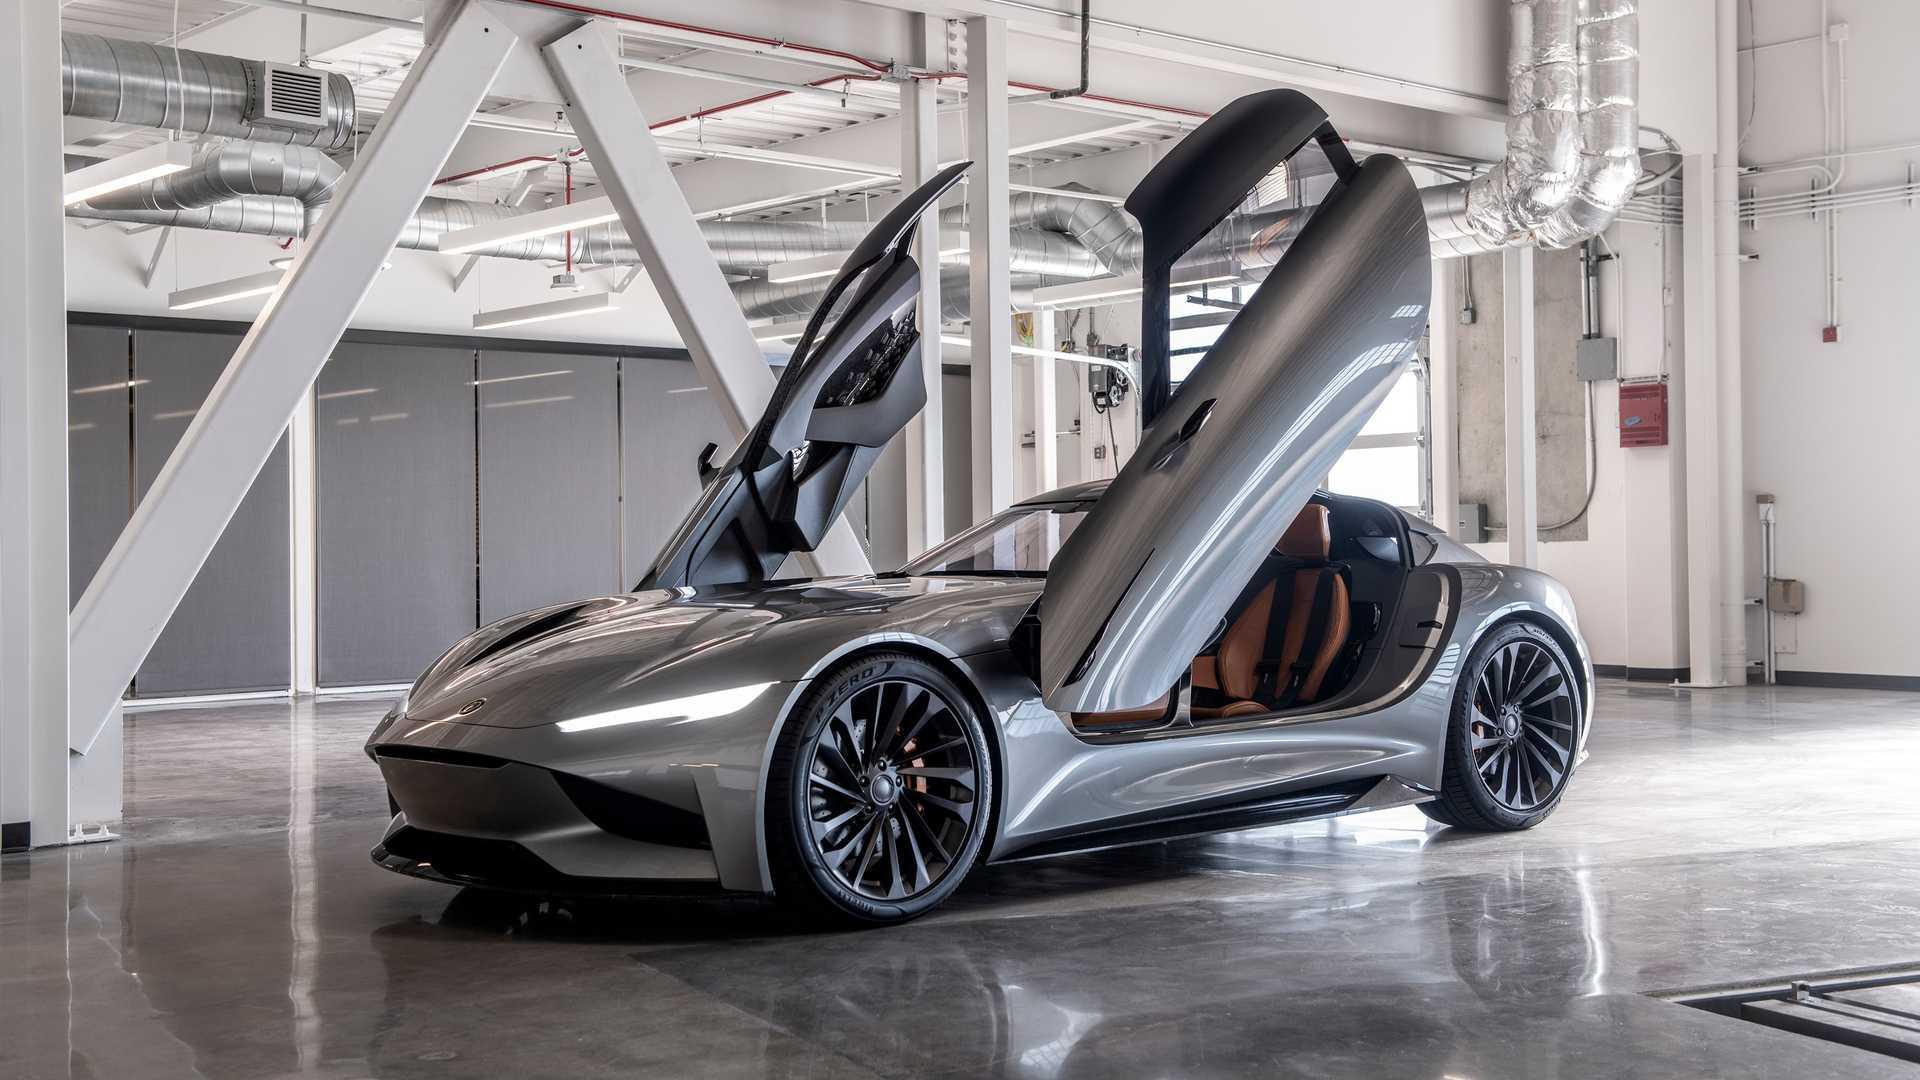 معرض لوس أنجلوس للسيارات